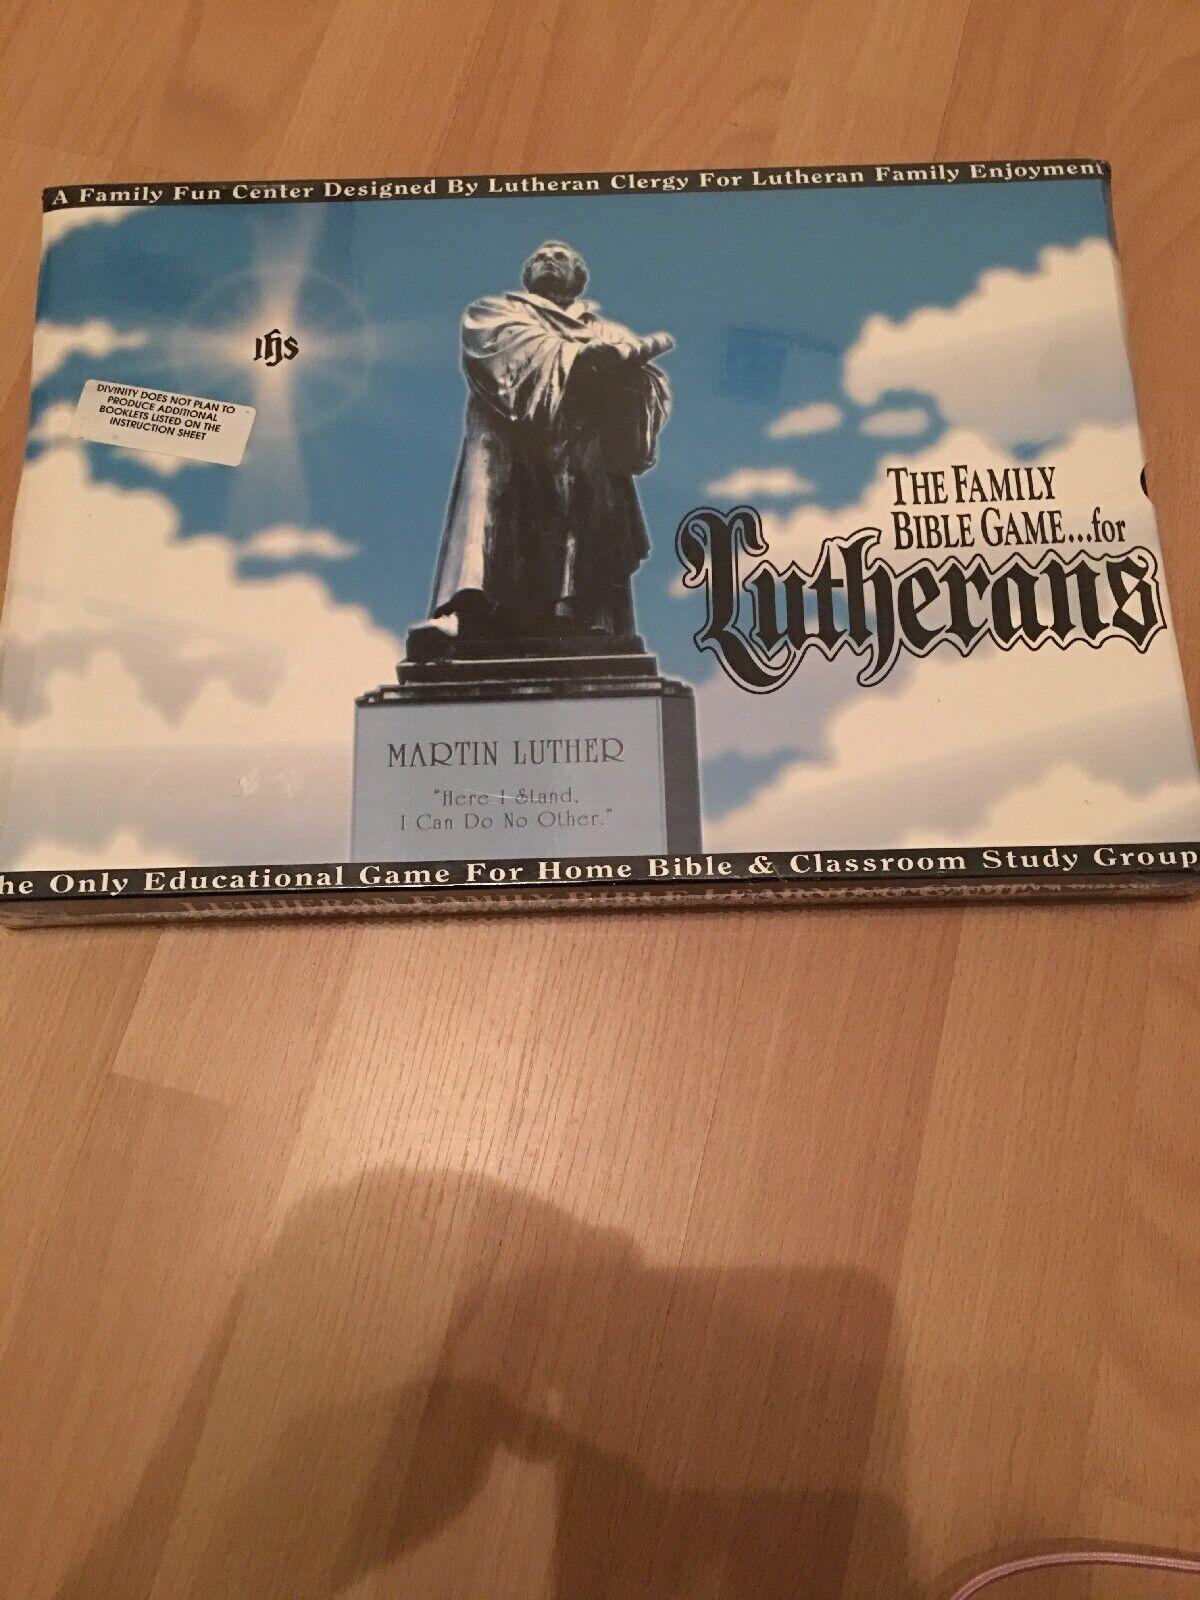 La famille Bible jeu pour luthériens par Martin Luther